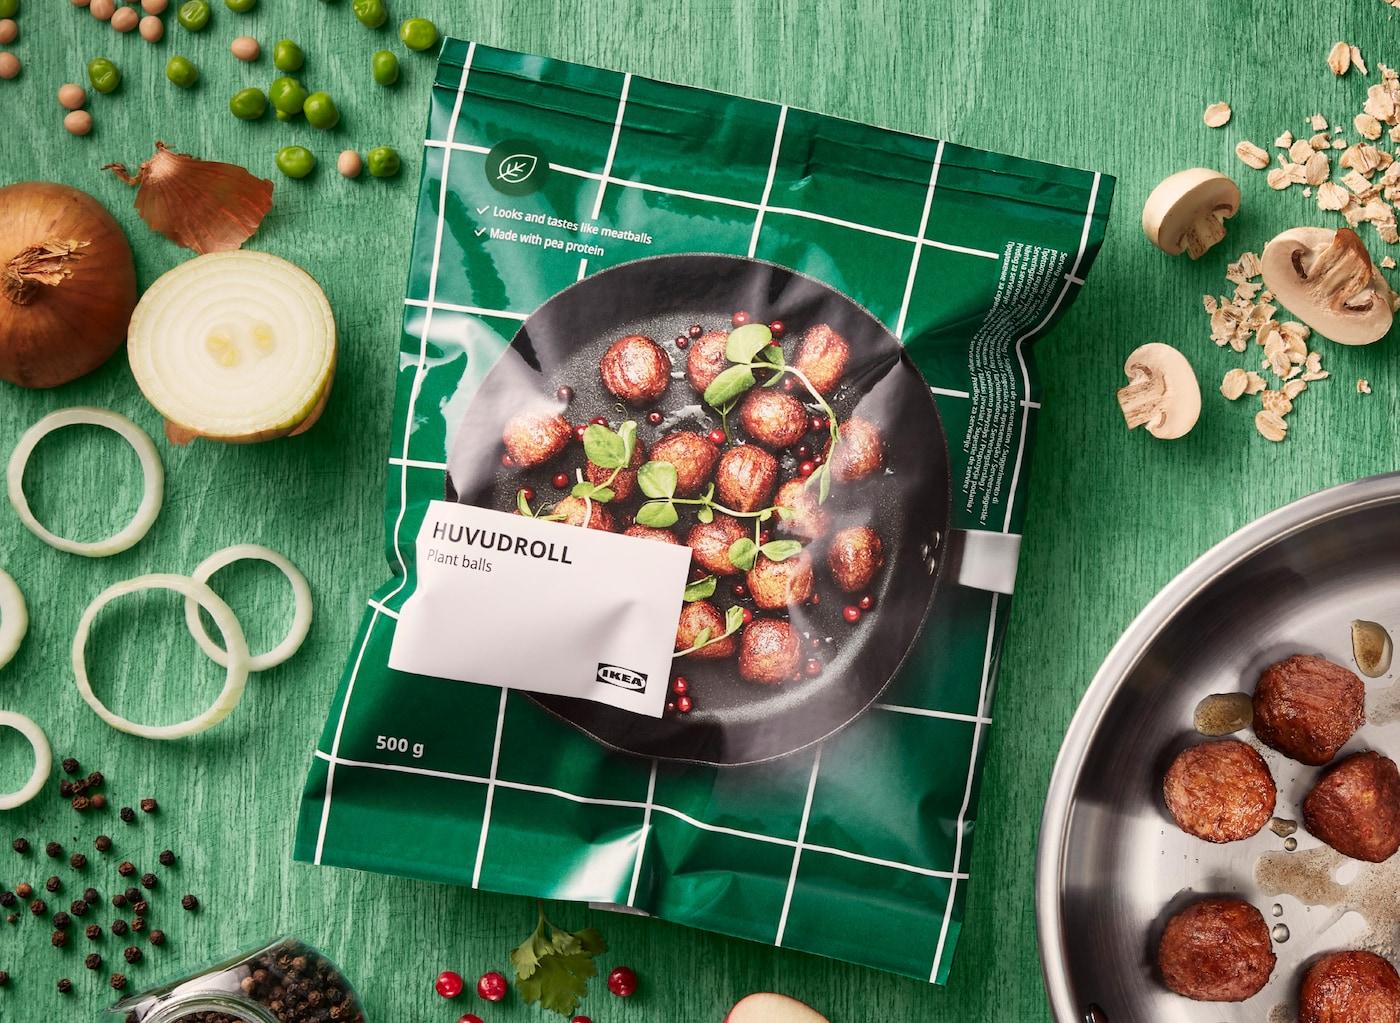 Paczka klopsików warzywnych HUVUDROLL ułożona na pomalowanej na zielono, drewnianej powierzchni. Wokół rozłożone są różne składniki.